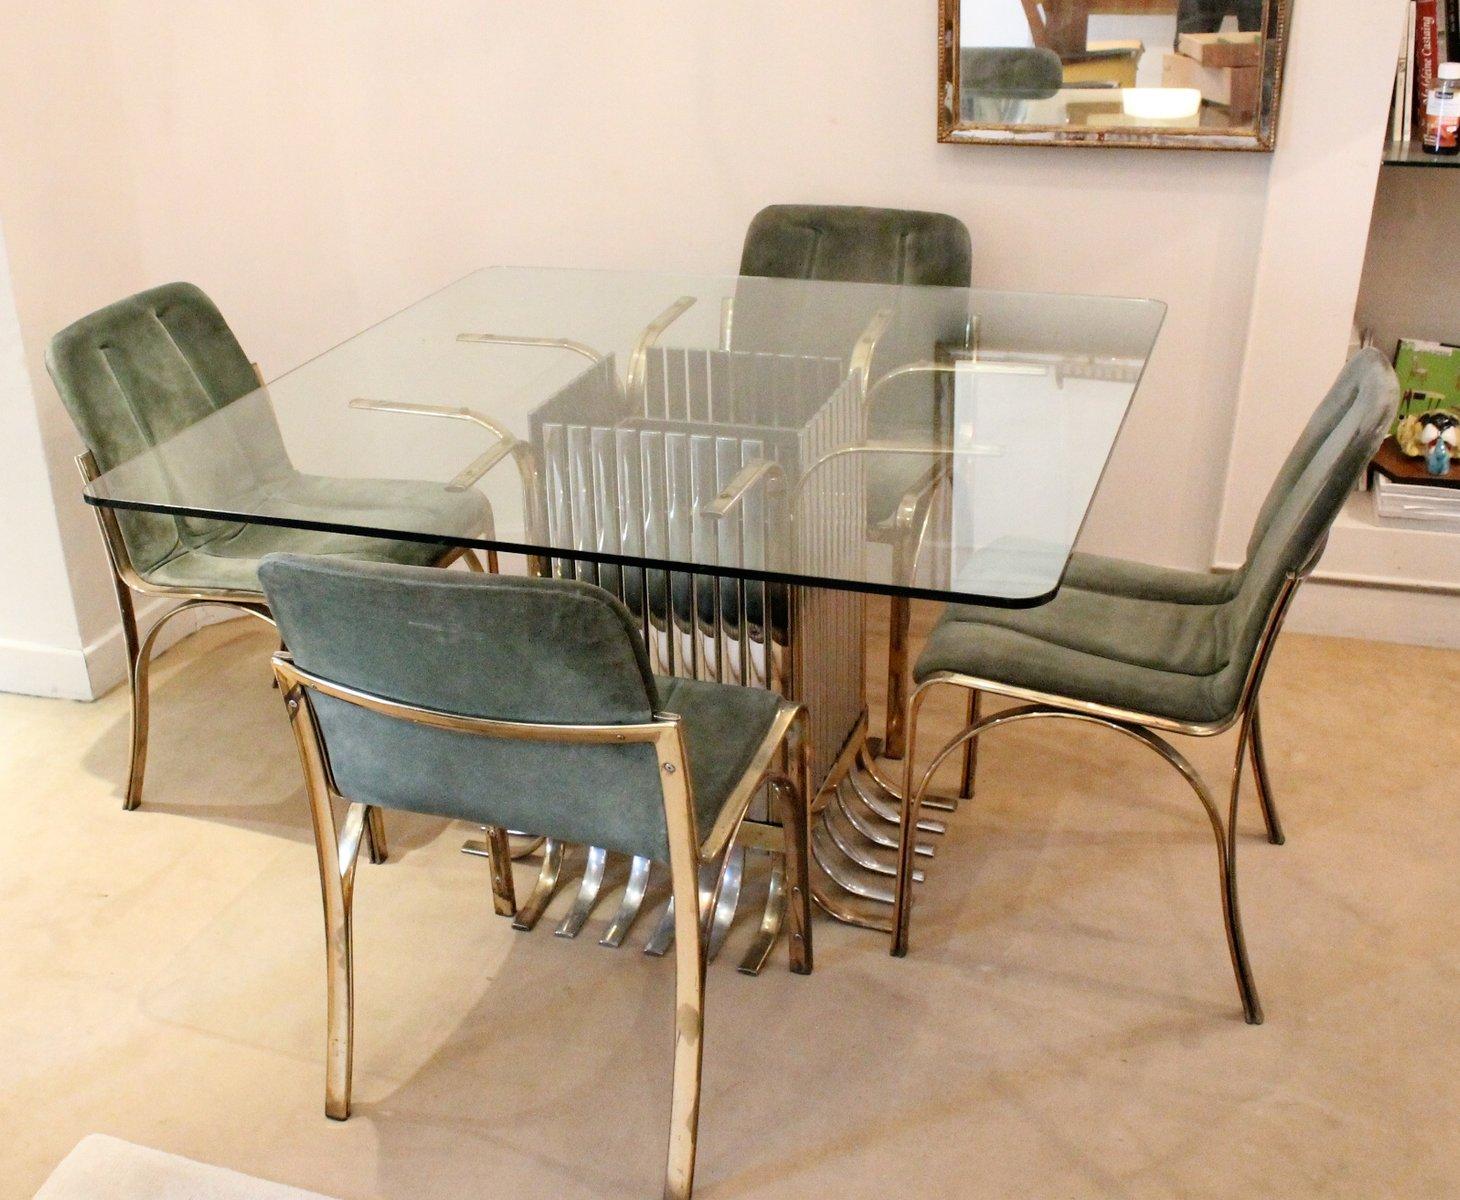 Mesa de comedor italiana de vidrio con 4 sillas 1970 en for Mesas comedor italianas